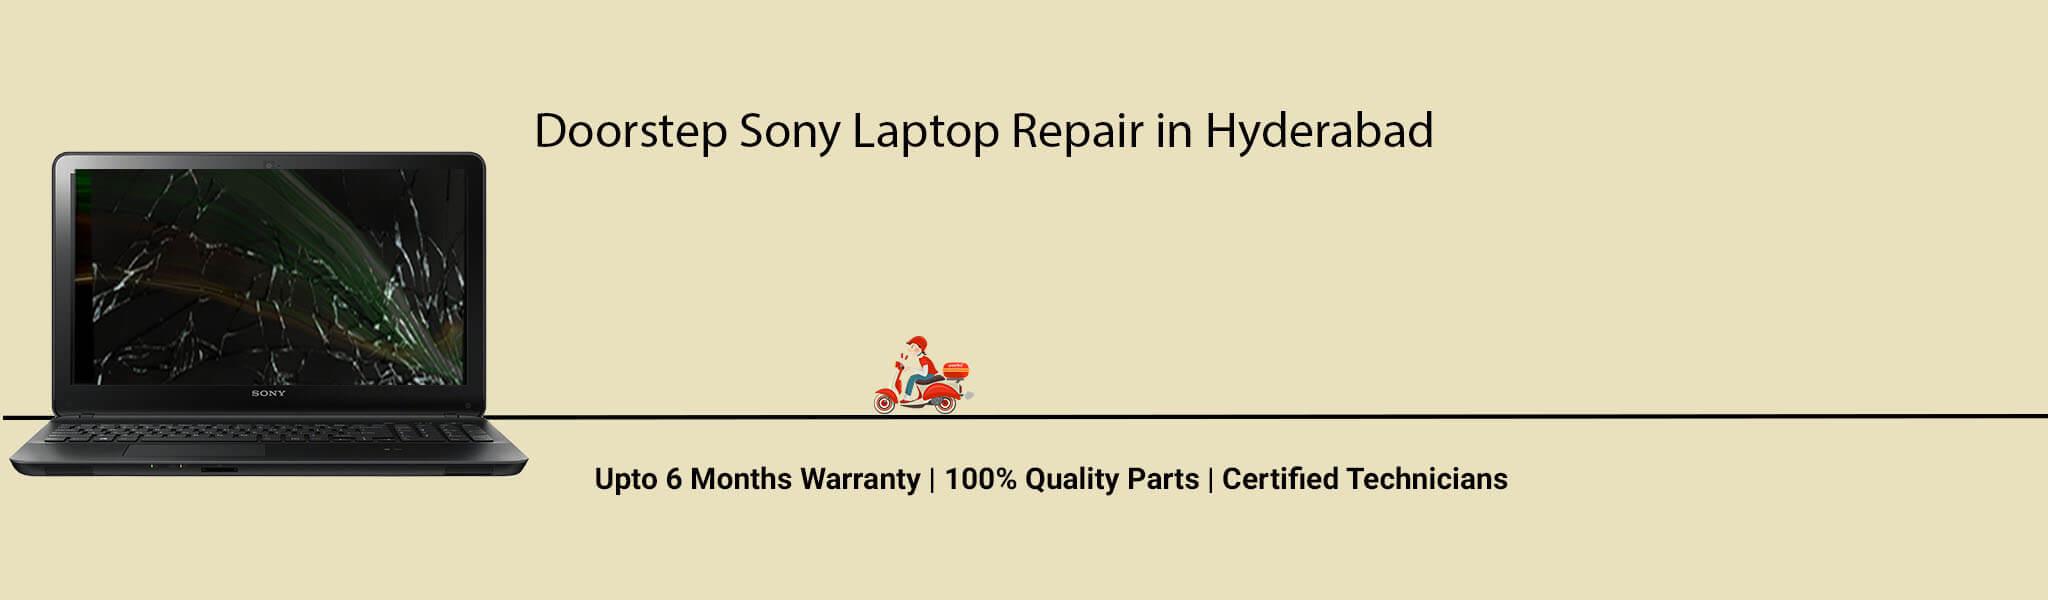 sony-laptop-banner-hydearbad.jpg